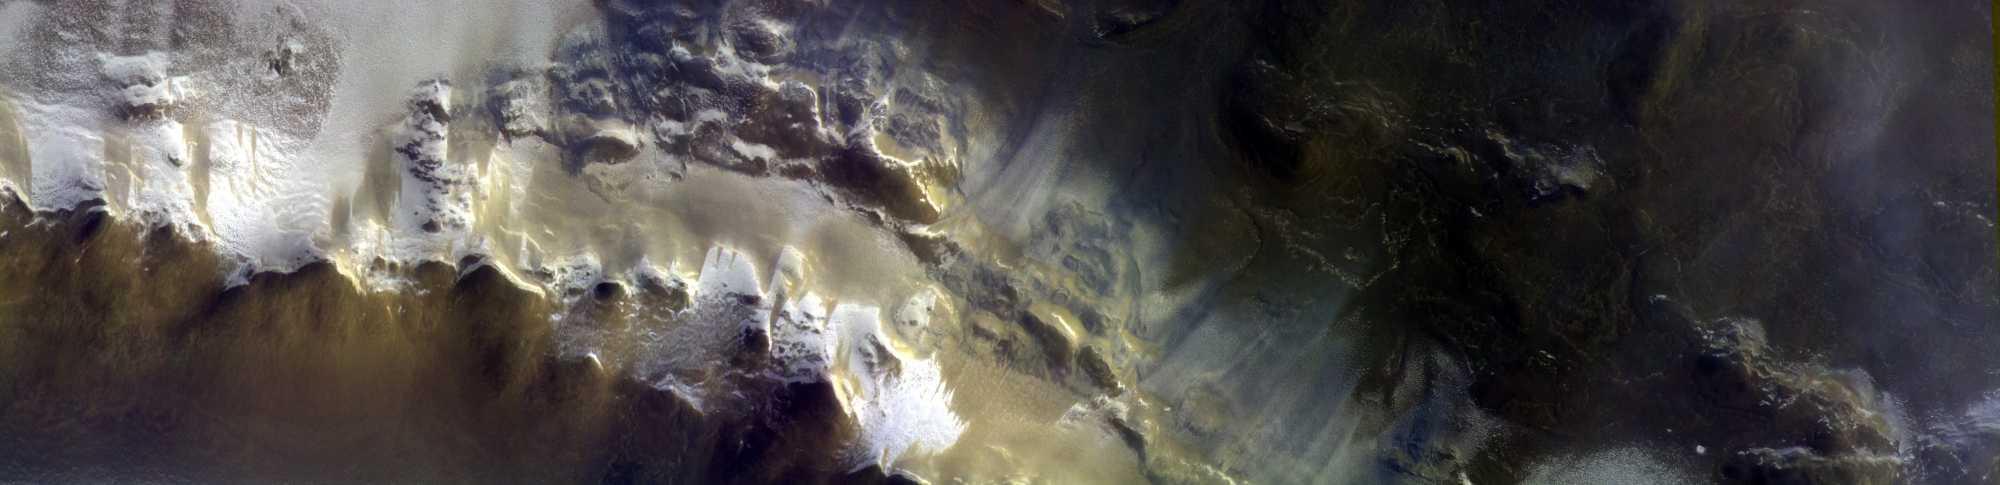 CaSSIS hat am 15. April 2018 diese Ansicht des Randes des Korolev-Kraters aufgenommen. Das Bild besteht aus drei Bildern in verschiedenen Farben, die fast gleichzeitig aufgenommen wurden. Sie wurden dann zusammengesetzt. Es zeigt einen Ausschnitt von etwa 10 km [x] 40 km.